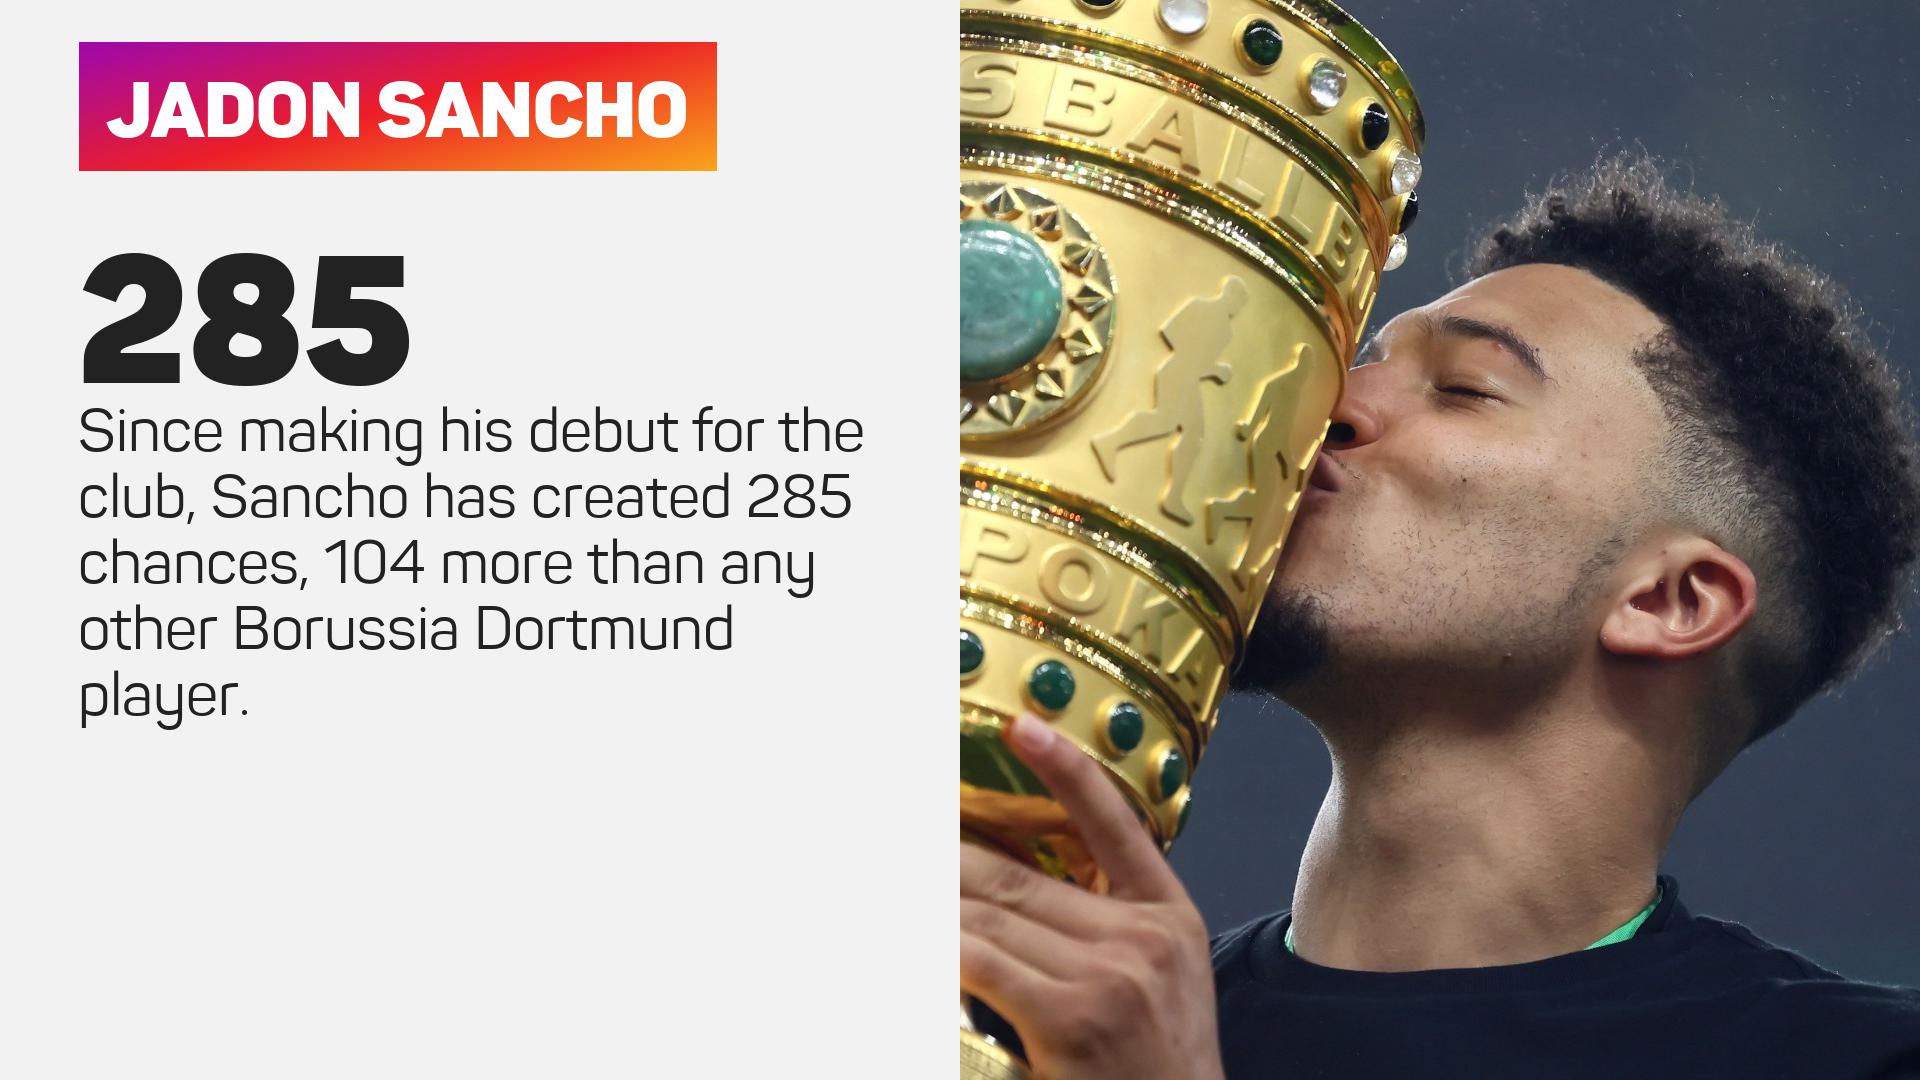 Jadon Sancho was a creative maestro at Borussia Dortmund